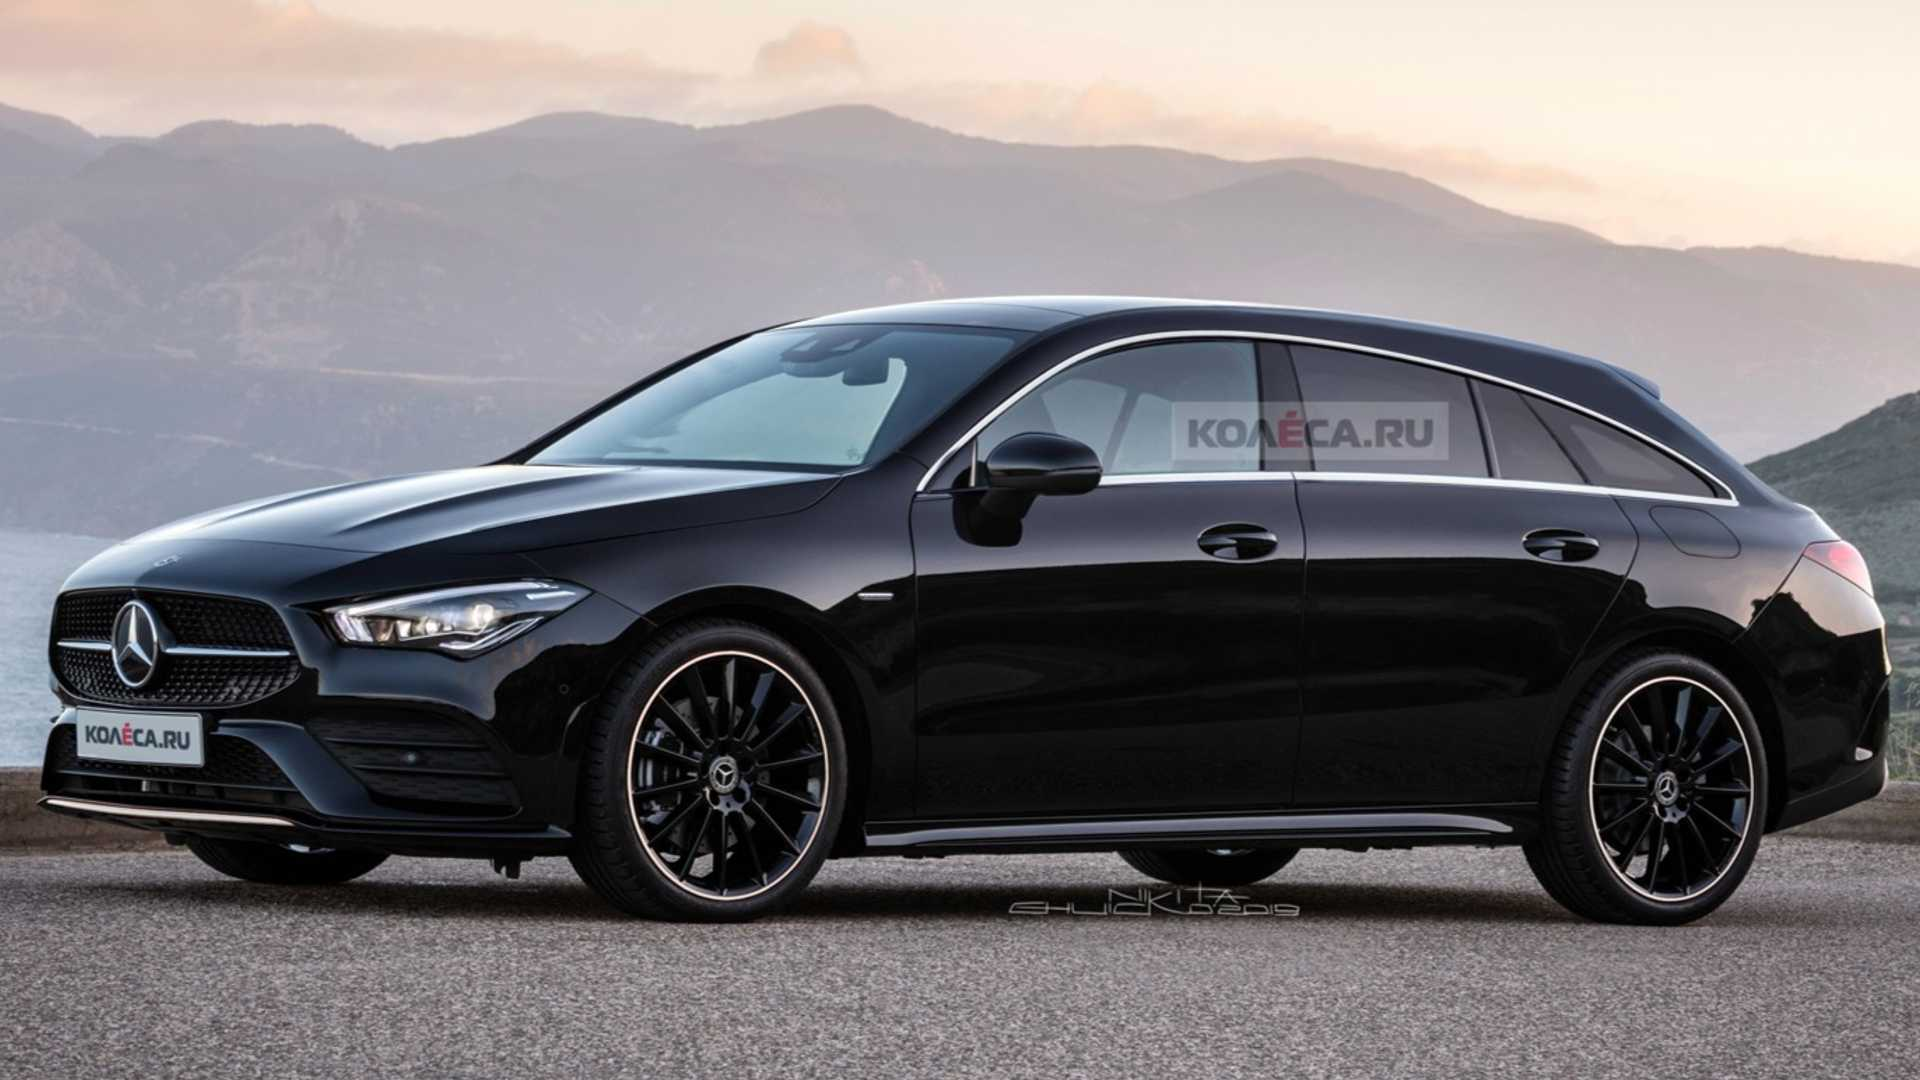 全新奔馳CLA獵裝版渲染圖曝光 日內瓦車展亮相